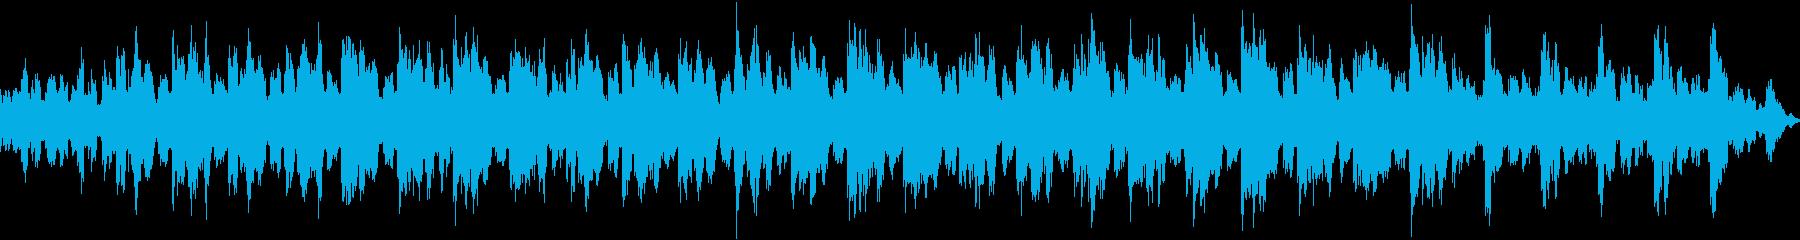 1音色のシンプルなポップスの再生済みの波形